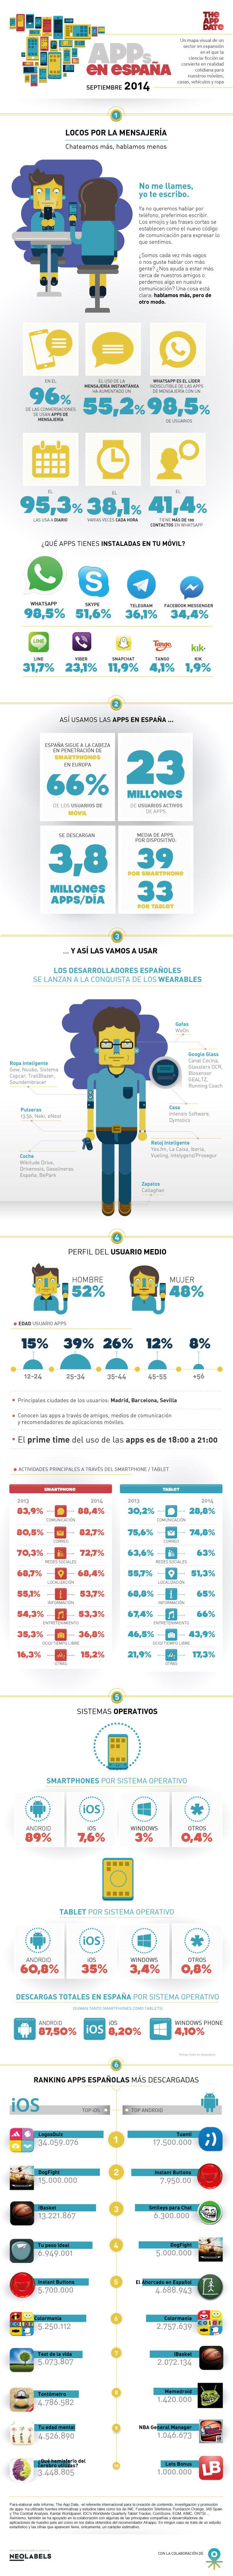 Imagen - WhatsApp, líder indiscutible en España según la infografía de The App Date